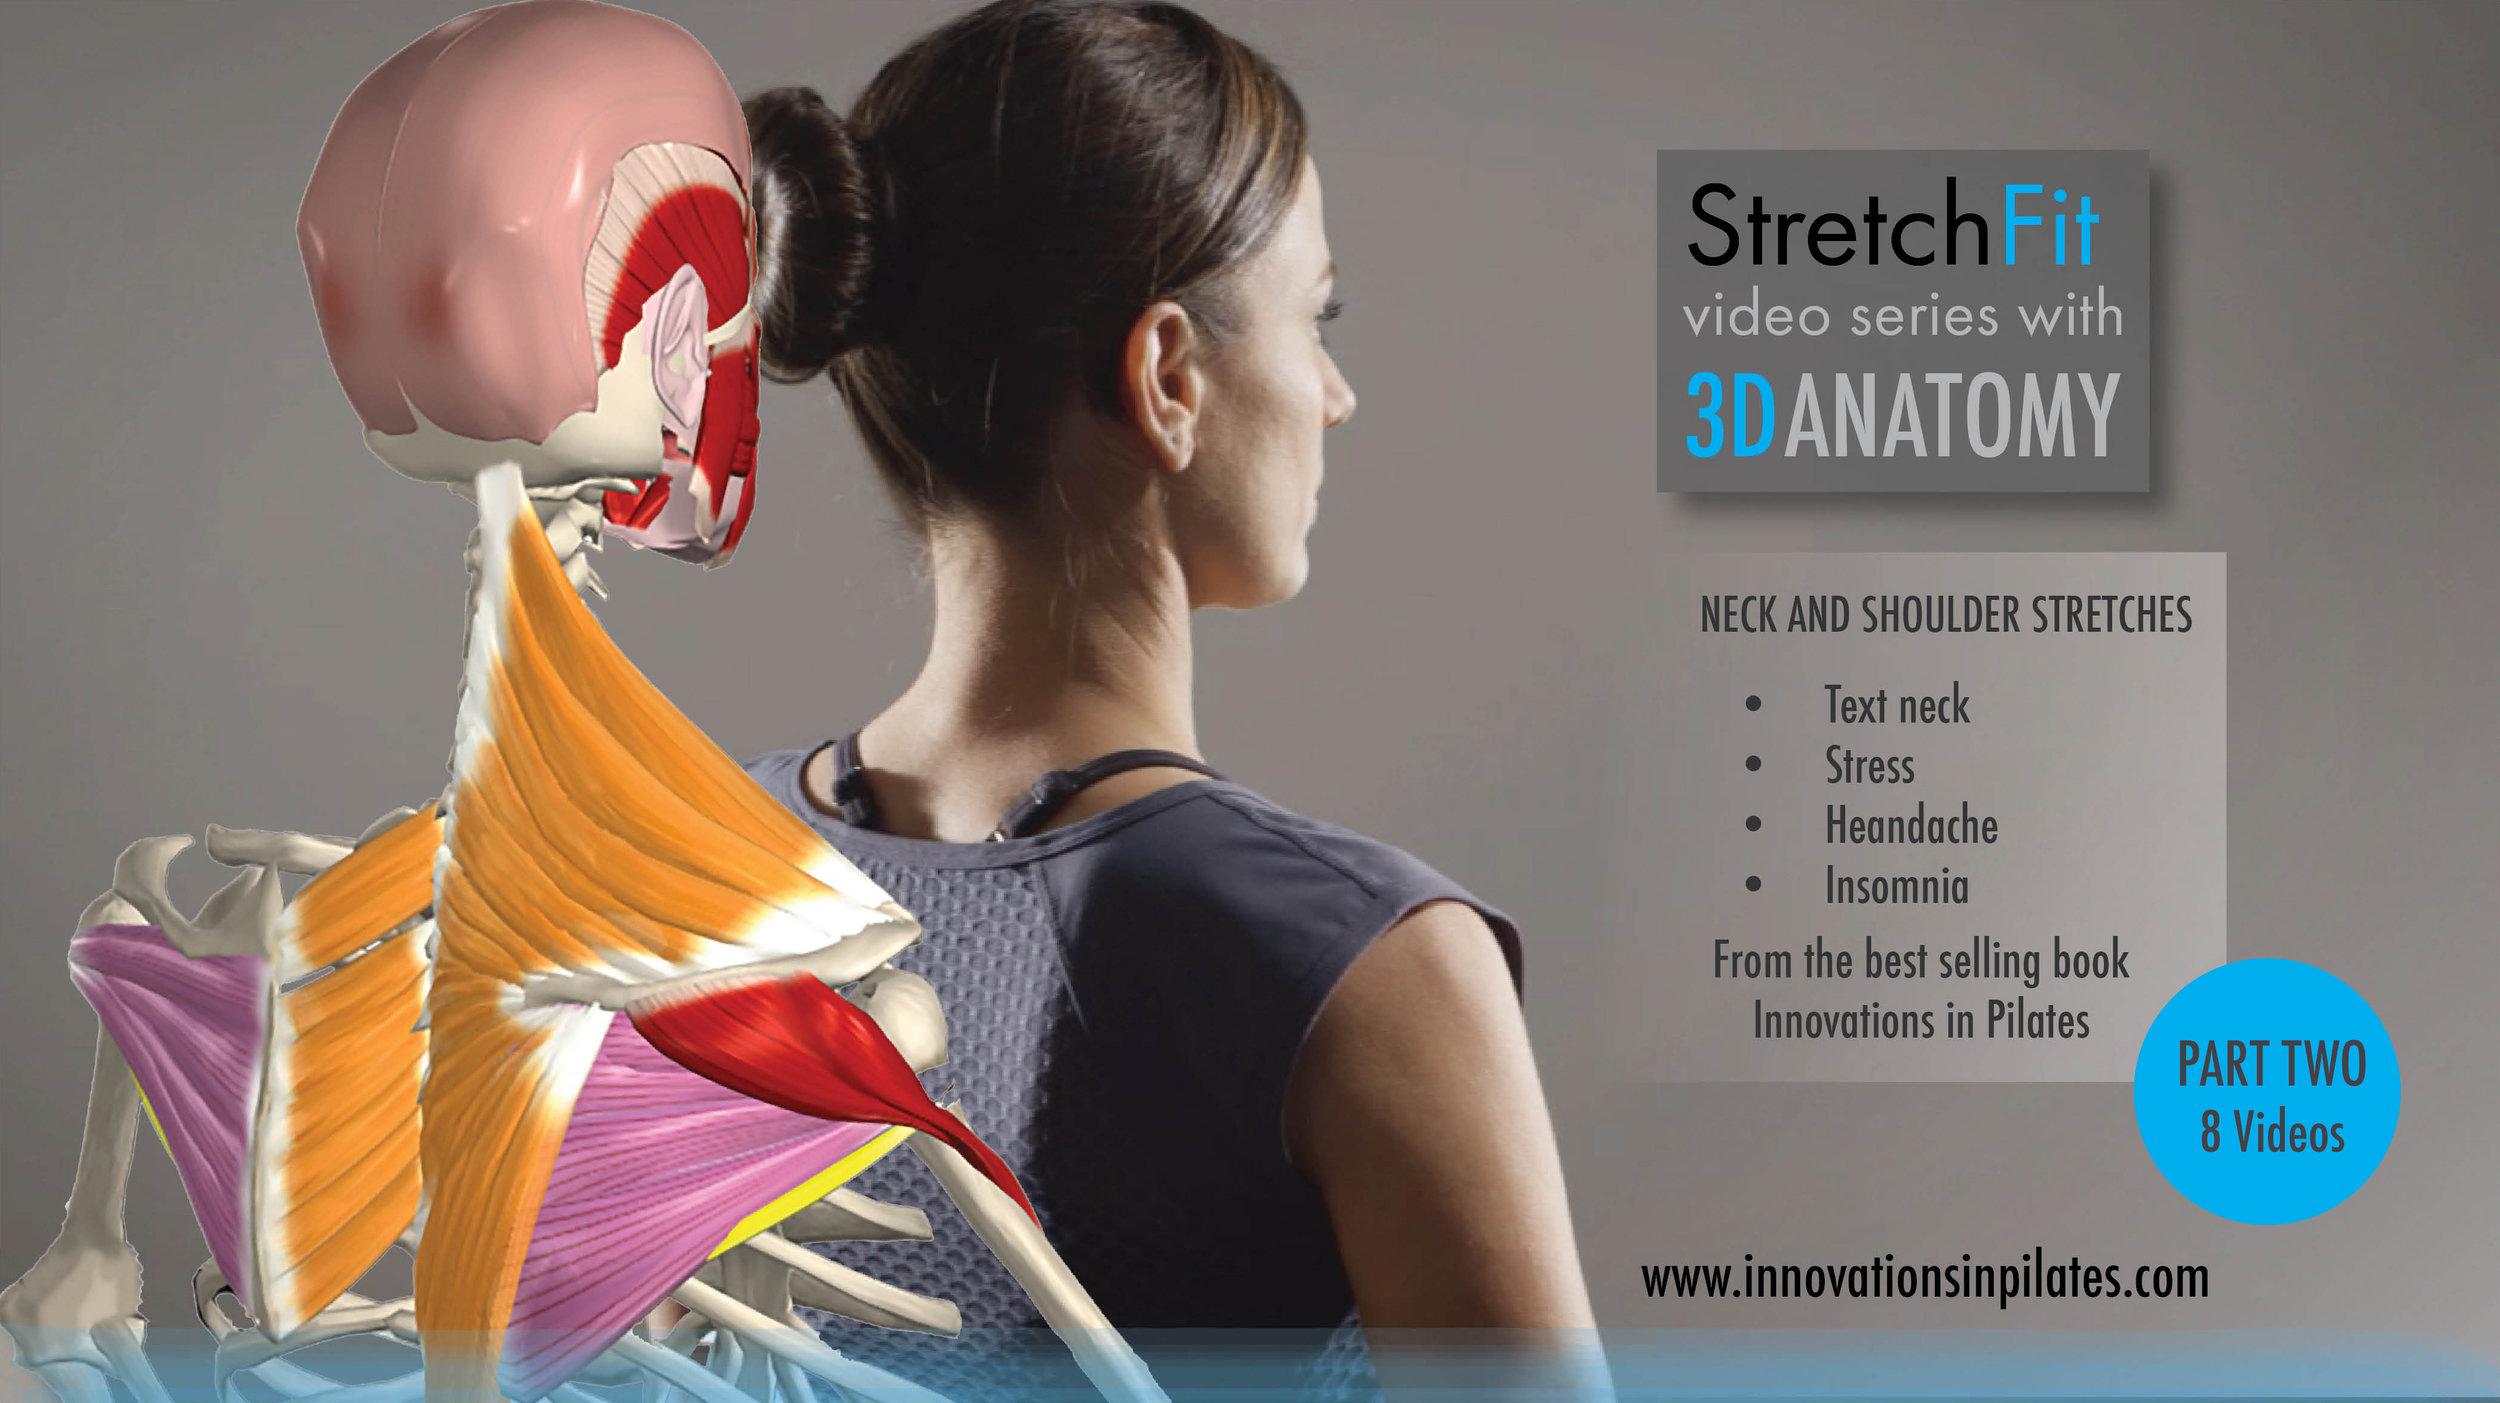 Stretchfit 3d Videos Neck Shoulders Part Two Stretchfit